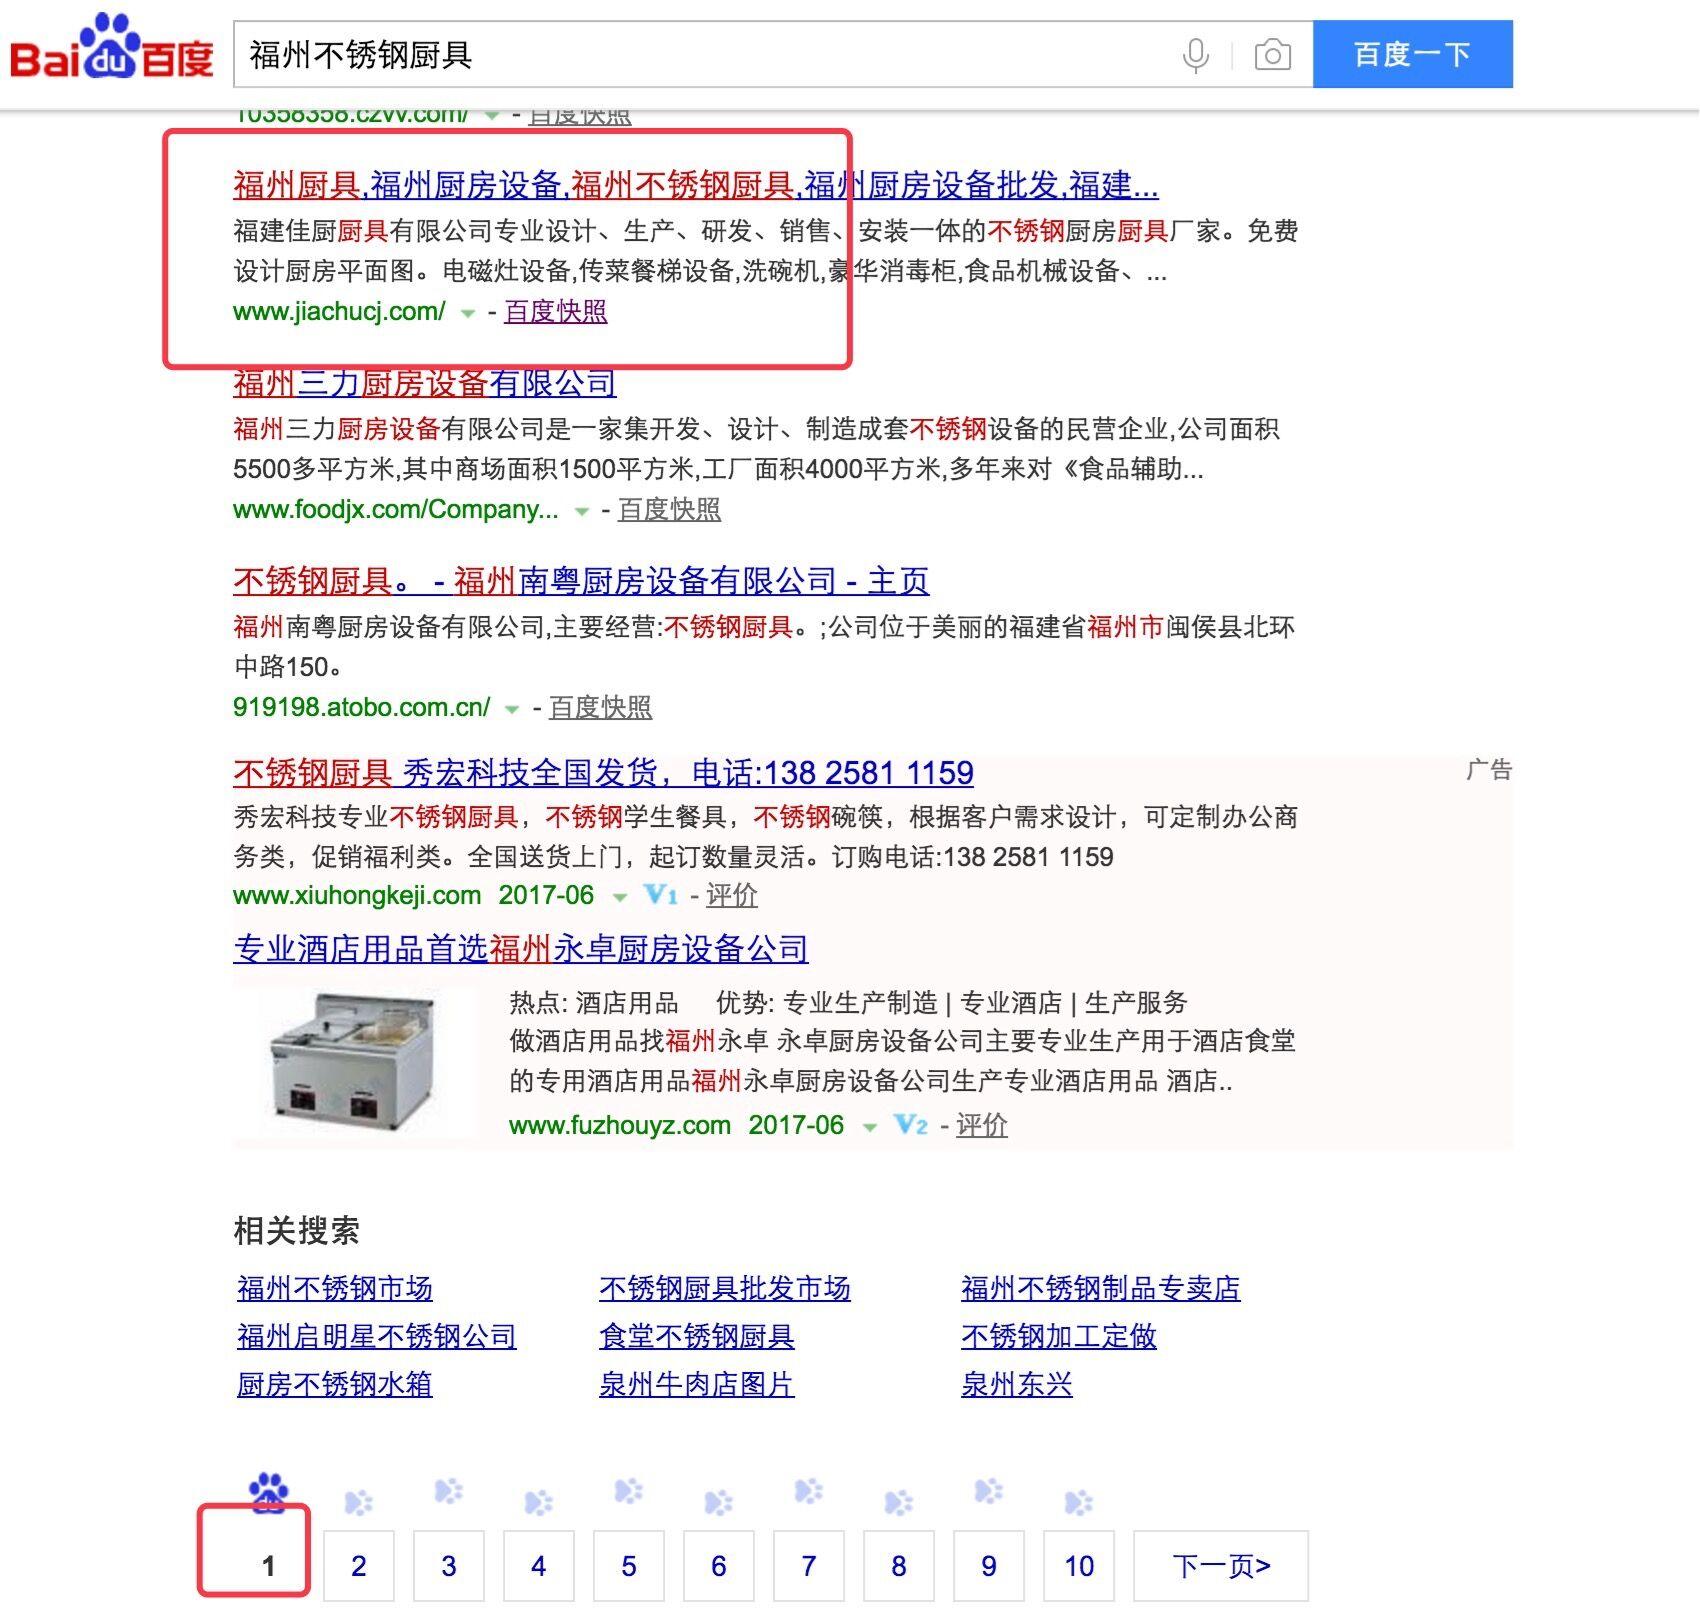 福州不锈钢厨具加入富海进行网络营销推广效果很不错